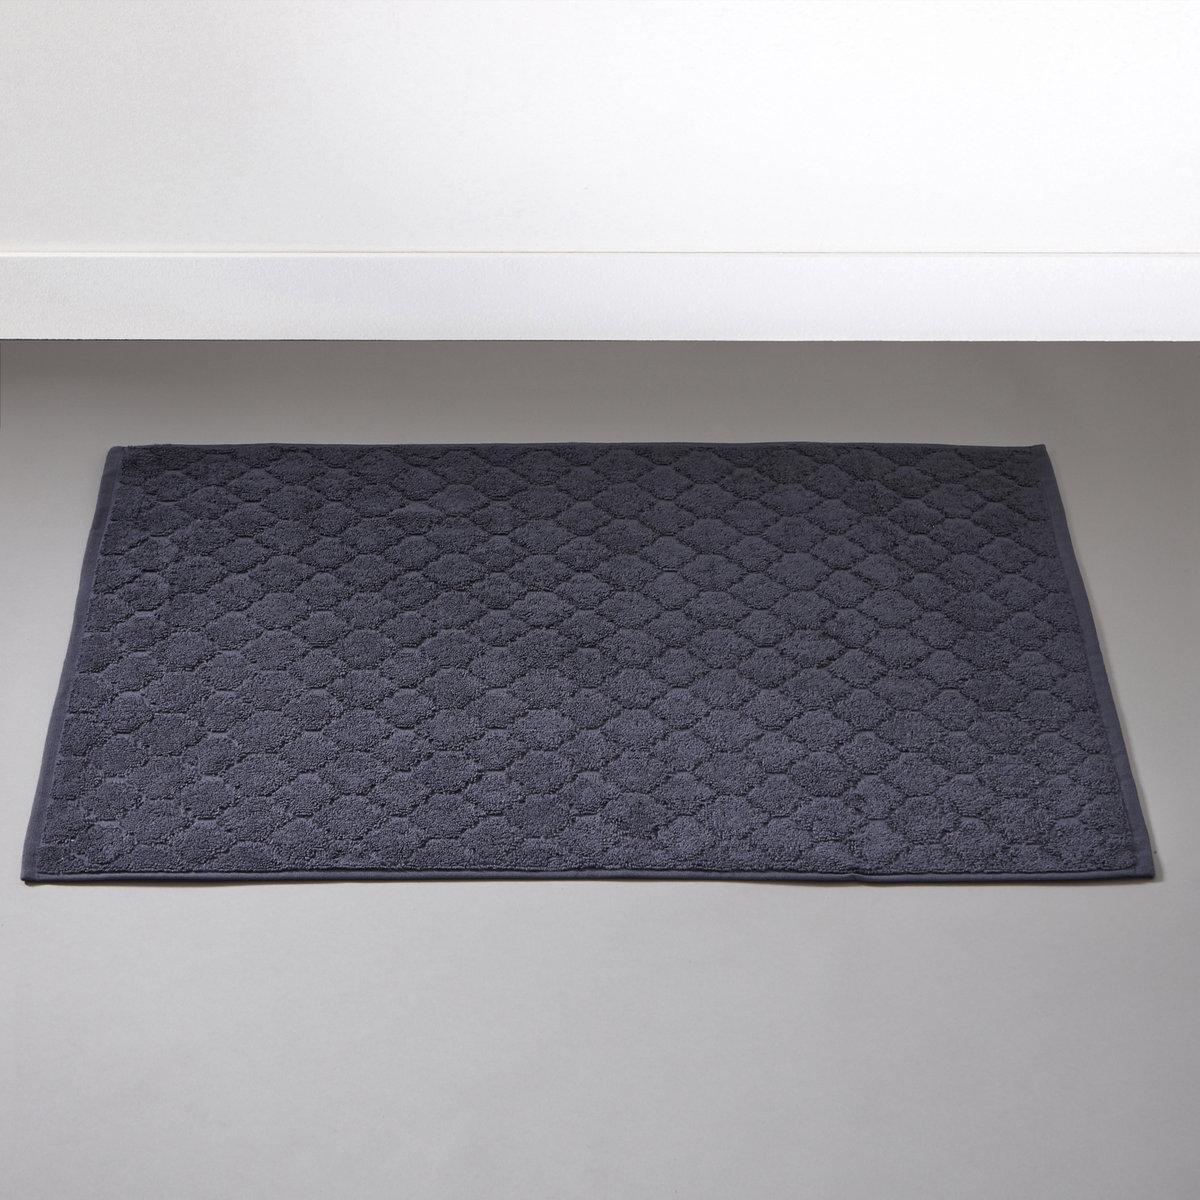 Коврик для ванной АЛЖЮСТРЕЛЬЖаккардовый коврик для ванной, 100% хлопка, 700 г/м?, выстриженные мотивы в восточном стиле. Бахрома по краю.Мягкий, межный и отлично впитывающий махровый материал, стирка при 60°.РАзмеры коврика для ванной : 50 x 70 см.<br><br>Цвет: розовое дерево,серо-синий<br>Размер: 50 x 70  см.50 x 70  см